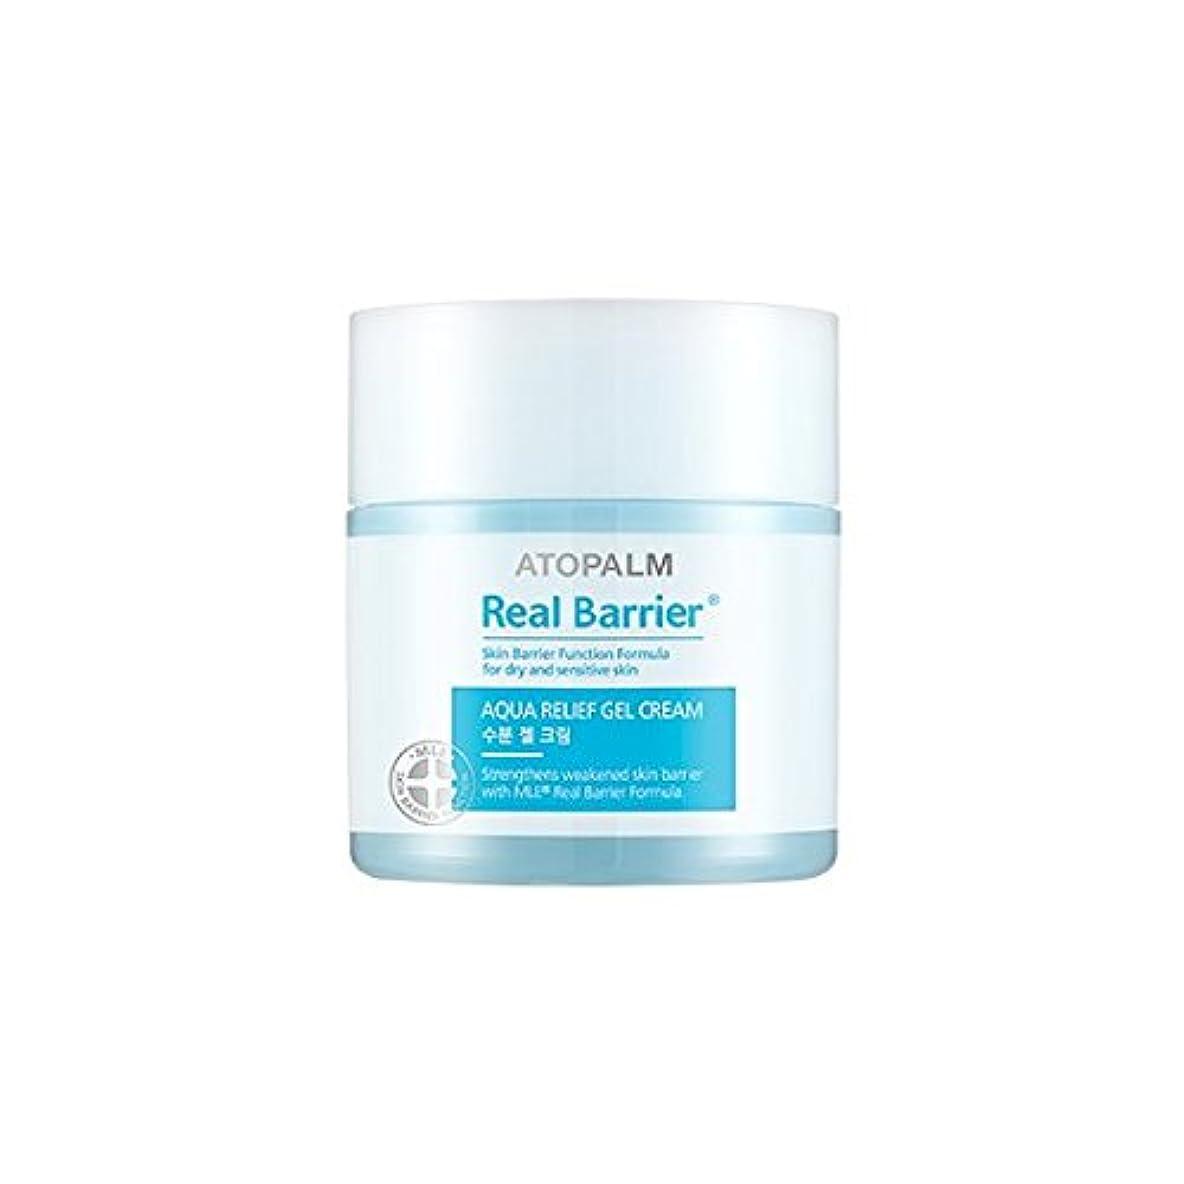 普遍的な啓示談話ATOPALM Real Barrier Aqua Relief Gel Cream 50ml/アトパーム リアル バリア アクア リリーフ ジェル クリーム 50ml [並行輸入品]